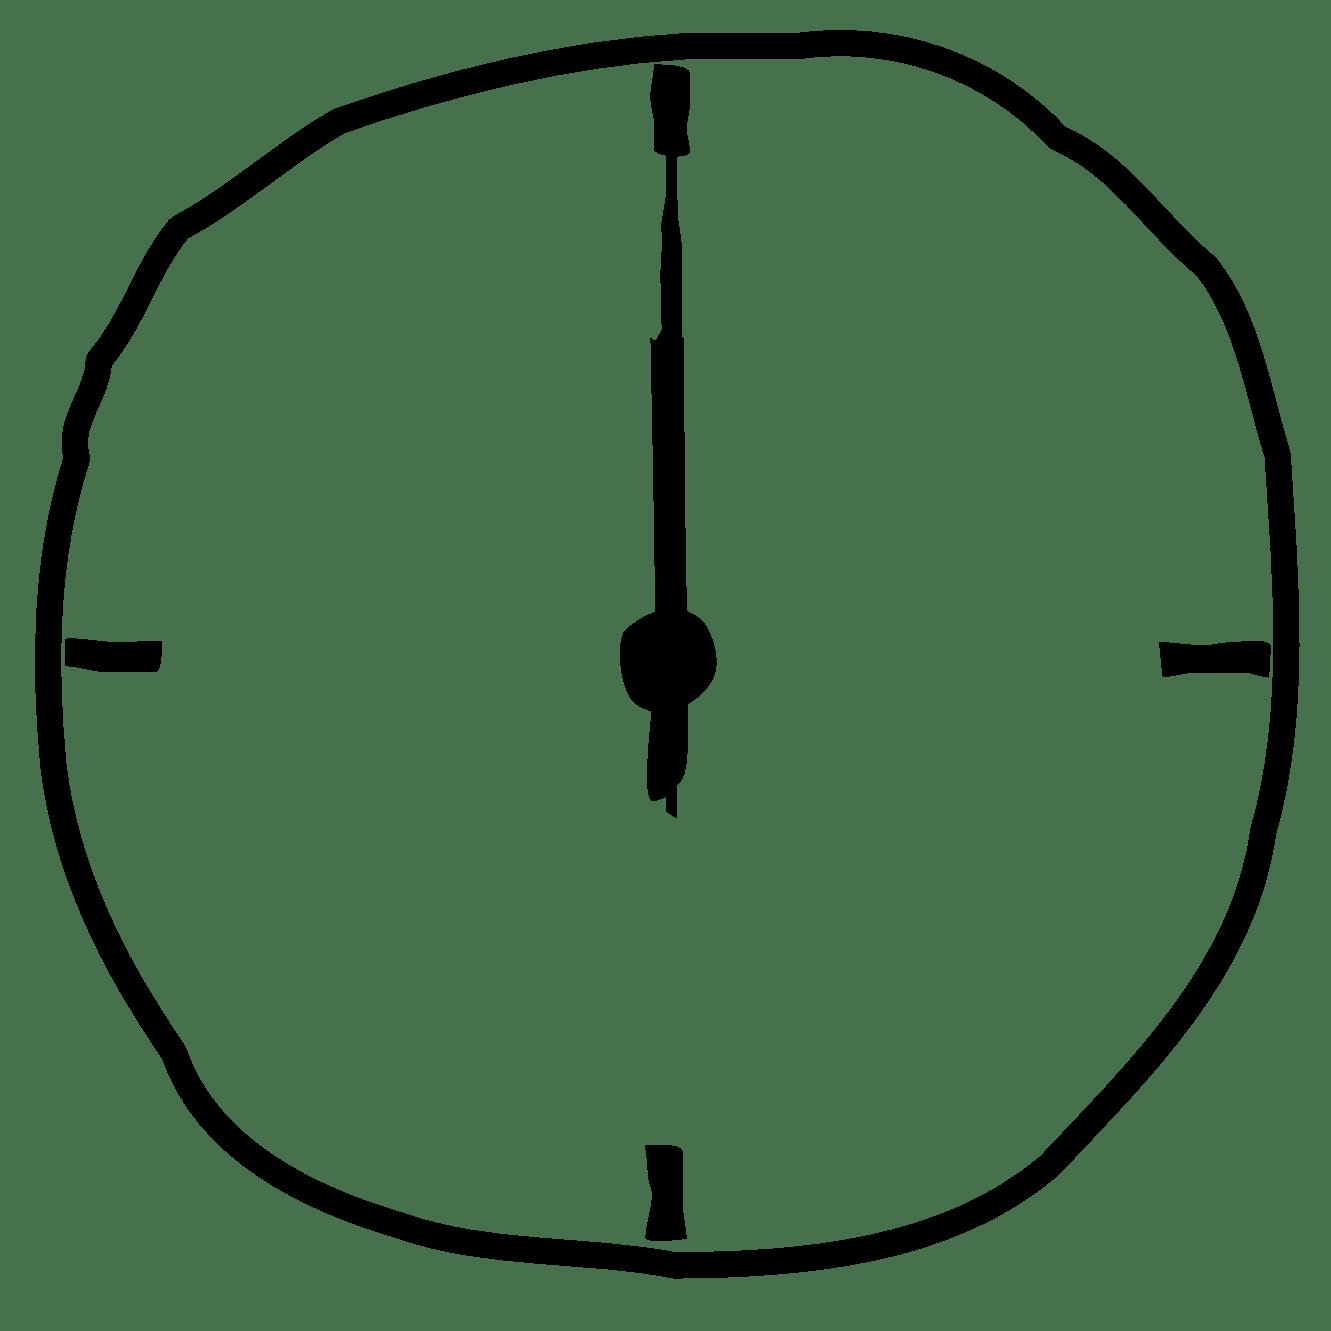 Clip Art Of Clock